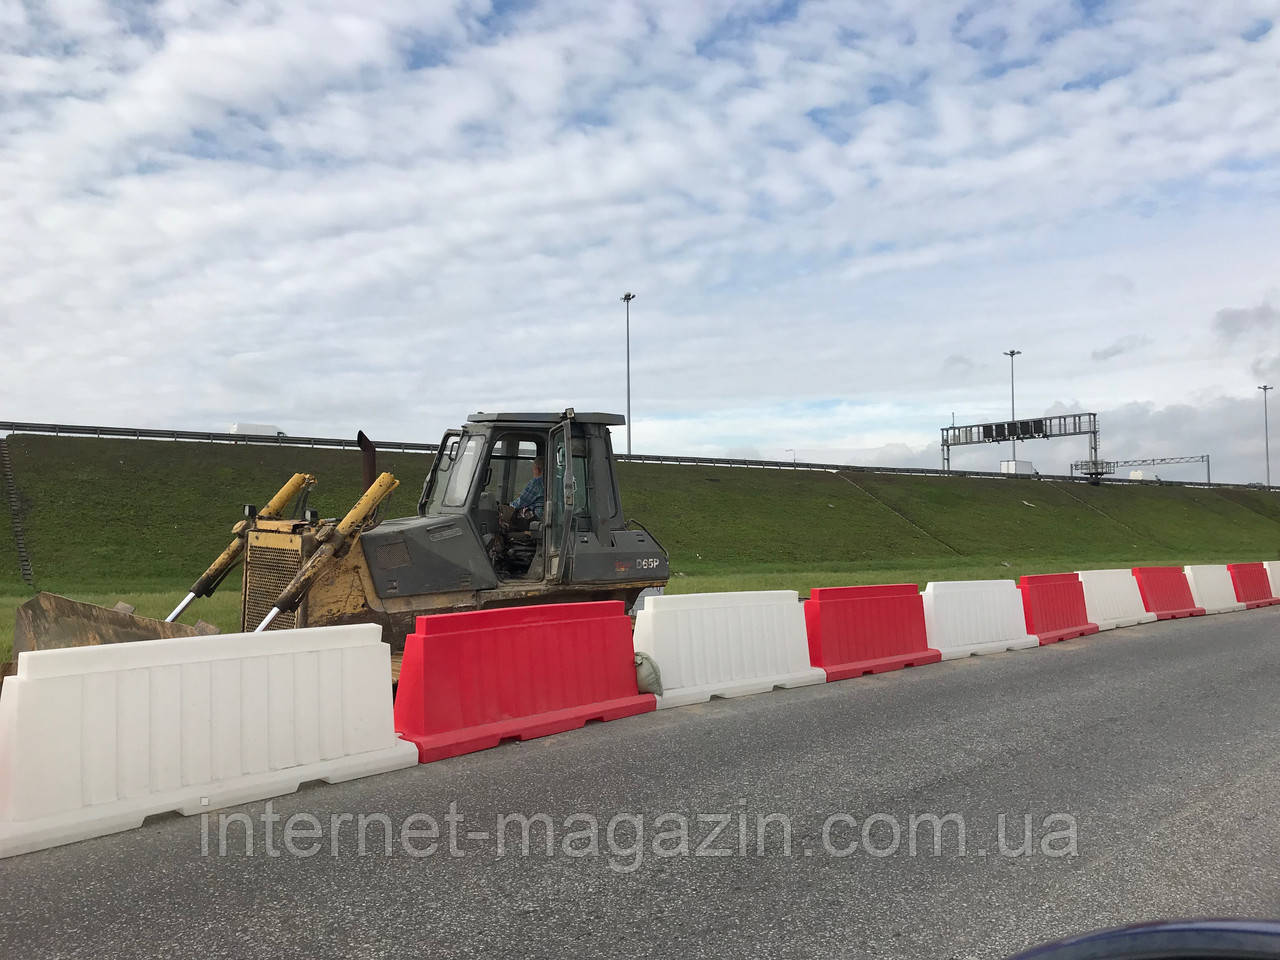 Дорожный барьер  пластиковый 1.5 (м)